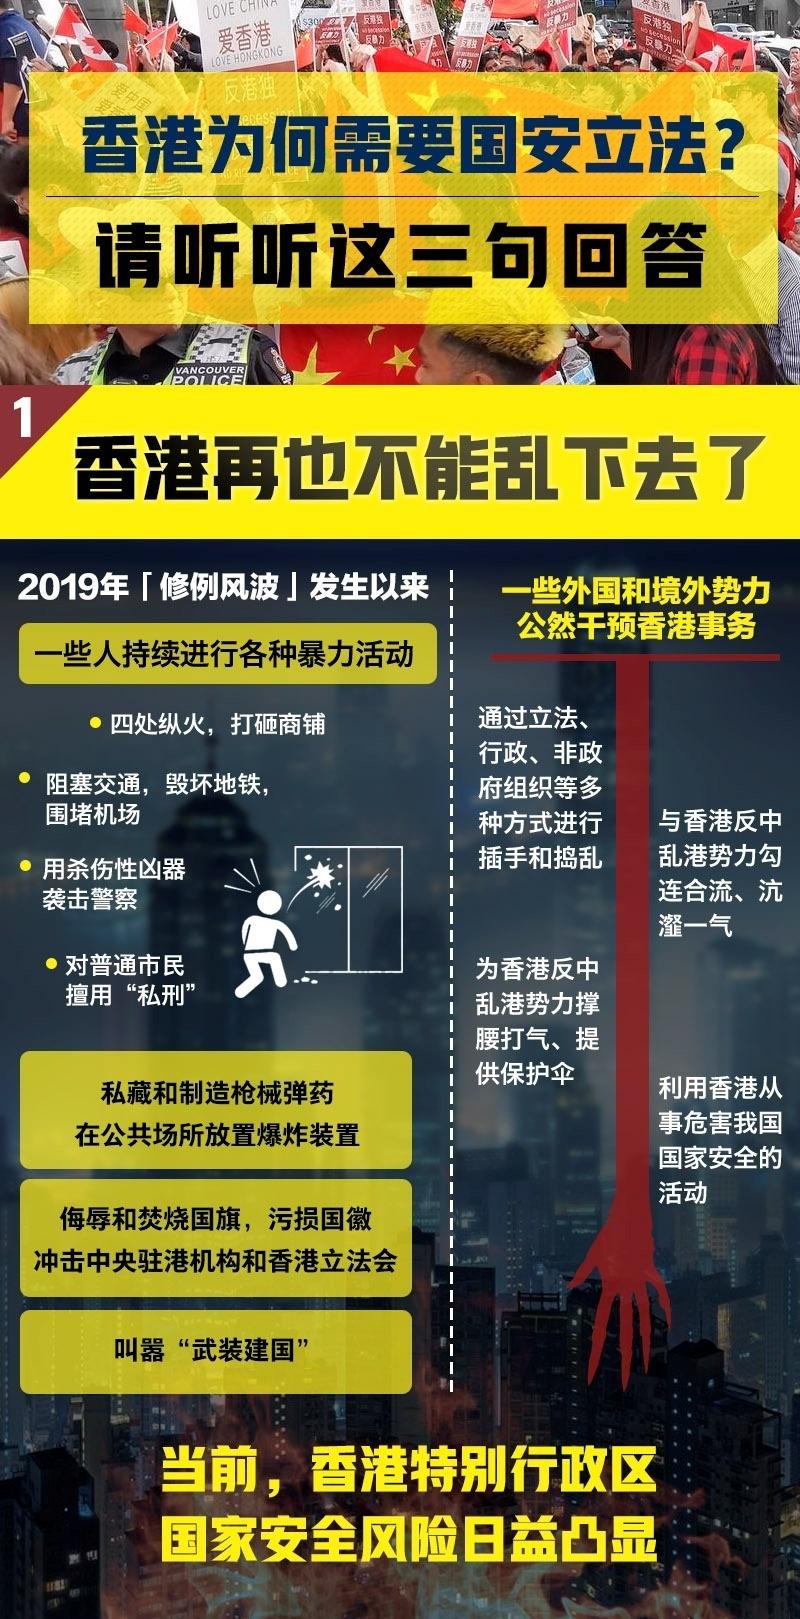 人民日报客户端|香港为何需要国安立法?请听听这三句回答